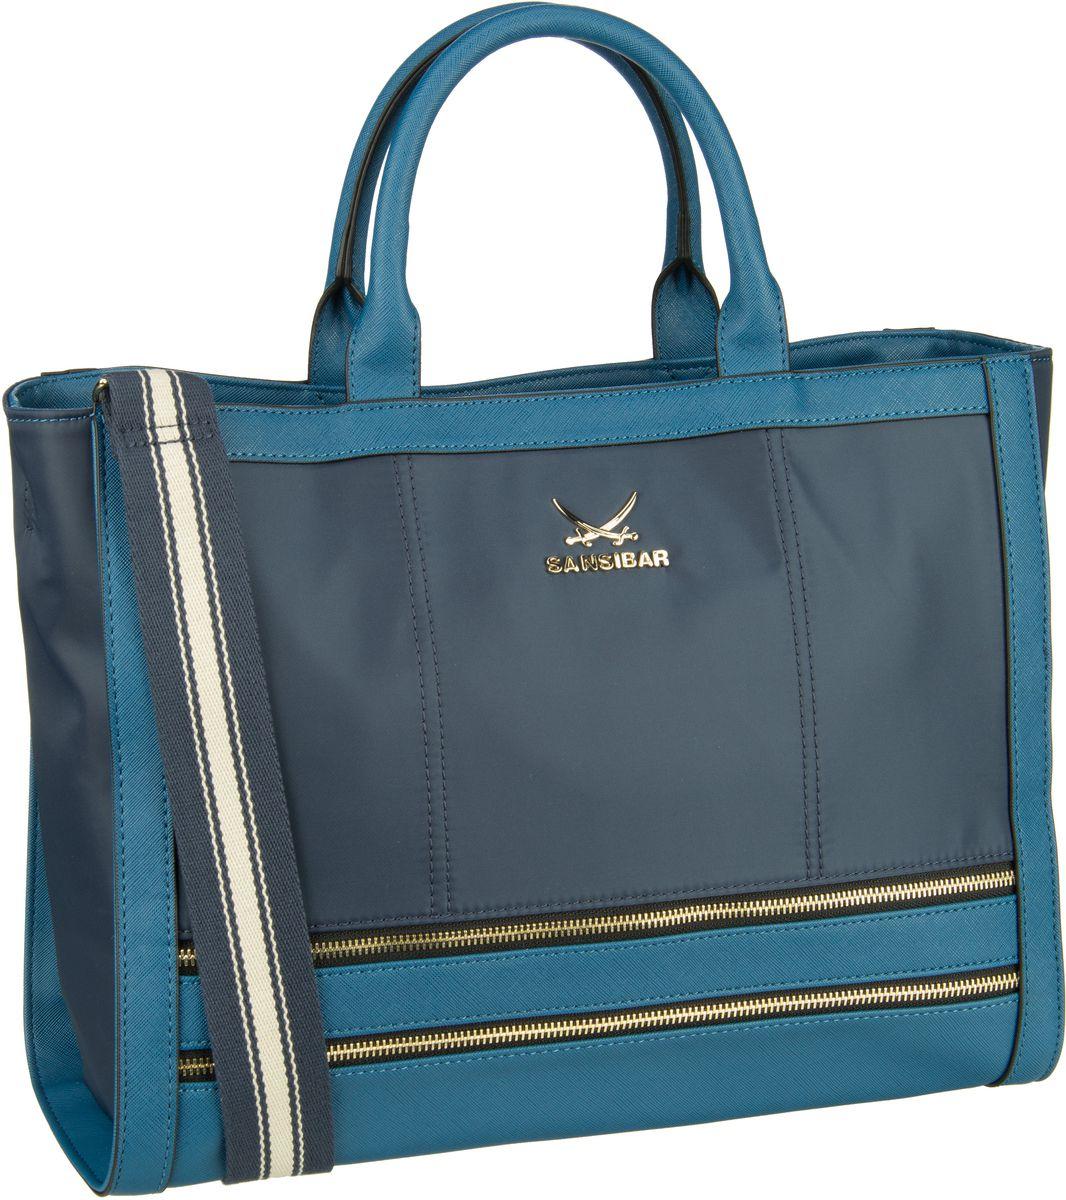 Handtasche Shopper Bag 1279 Navy